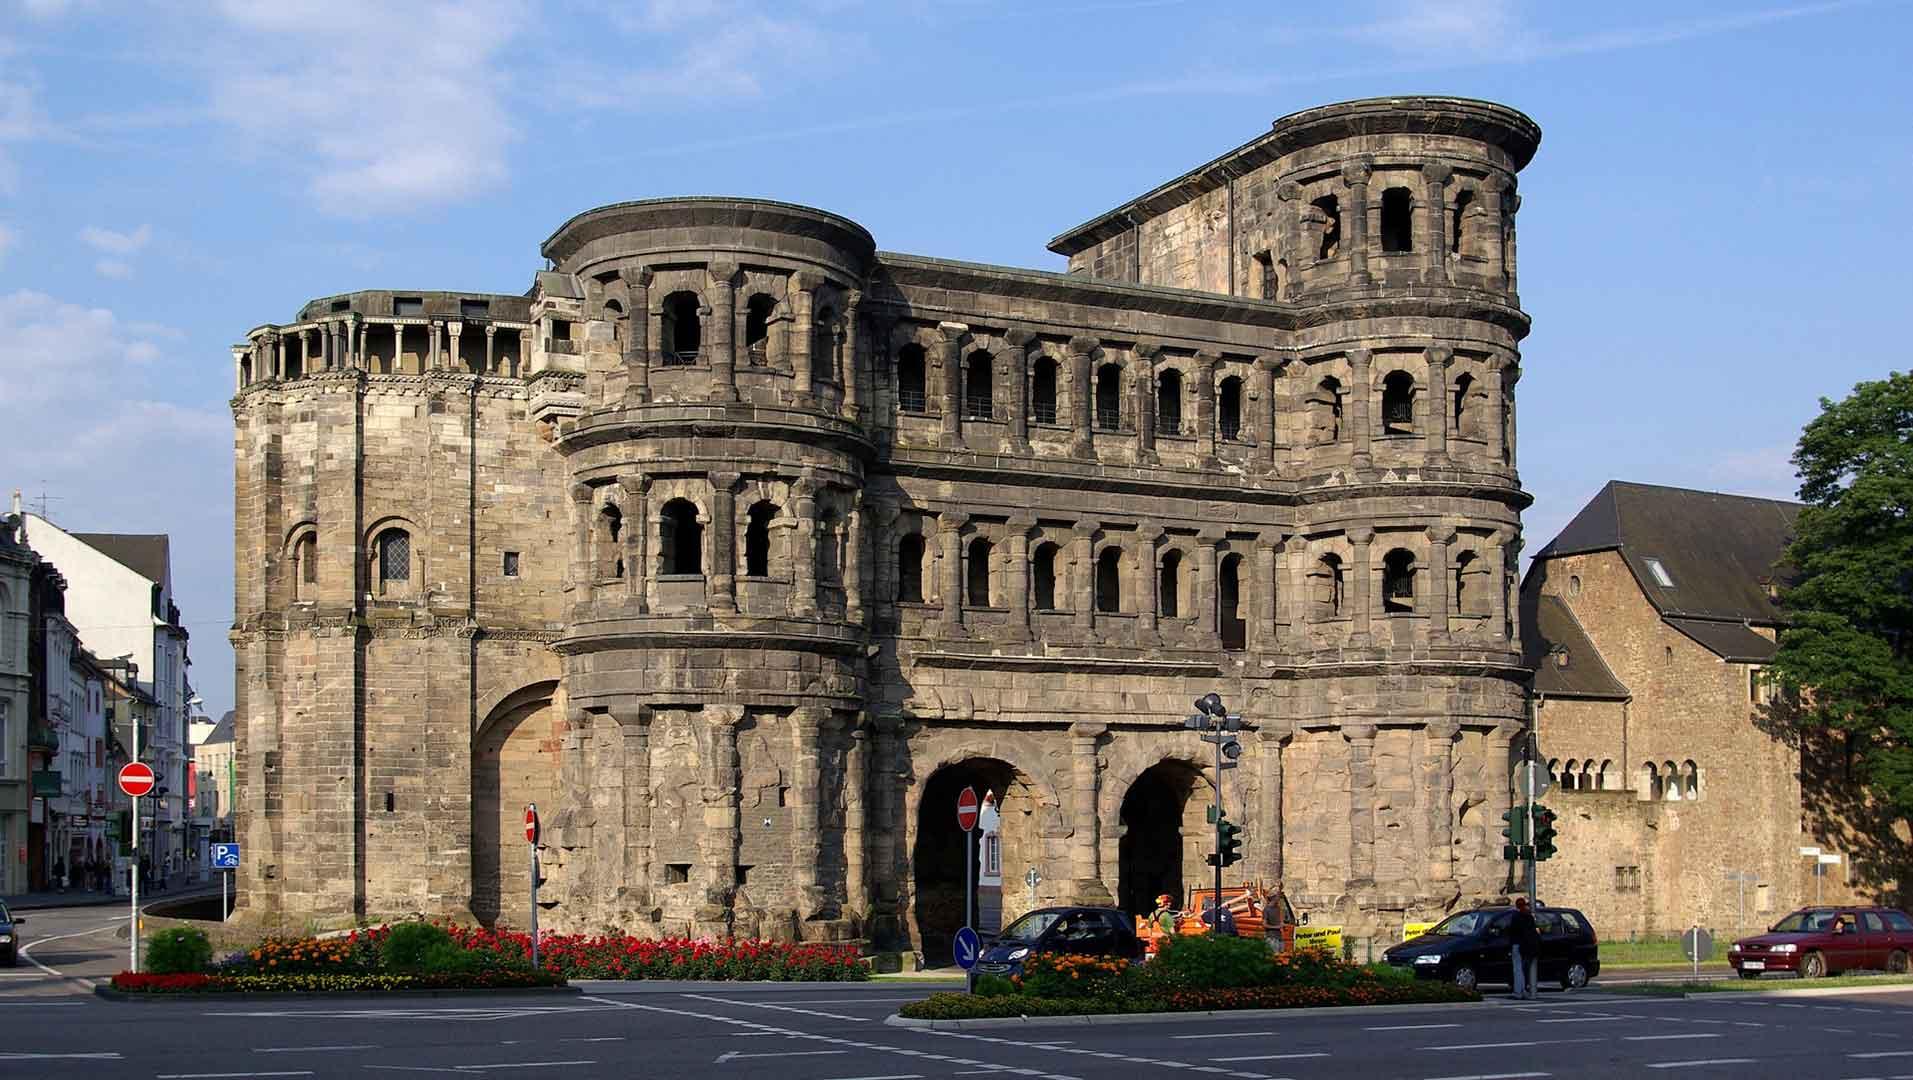 In Trier aan de Moezel is veel Romeins erfgoed te zien zoals de Porta Nigra - Zwarte Poort.